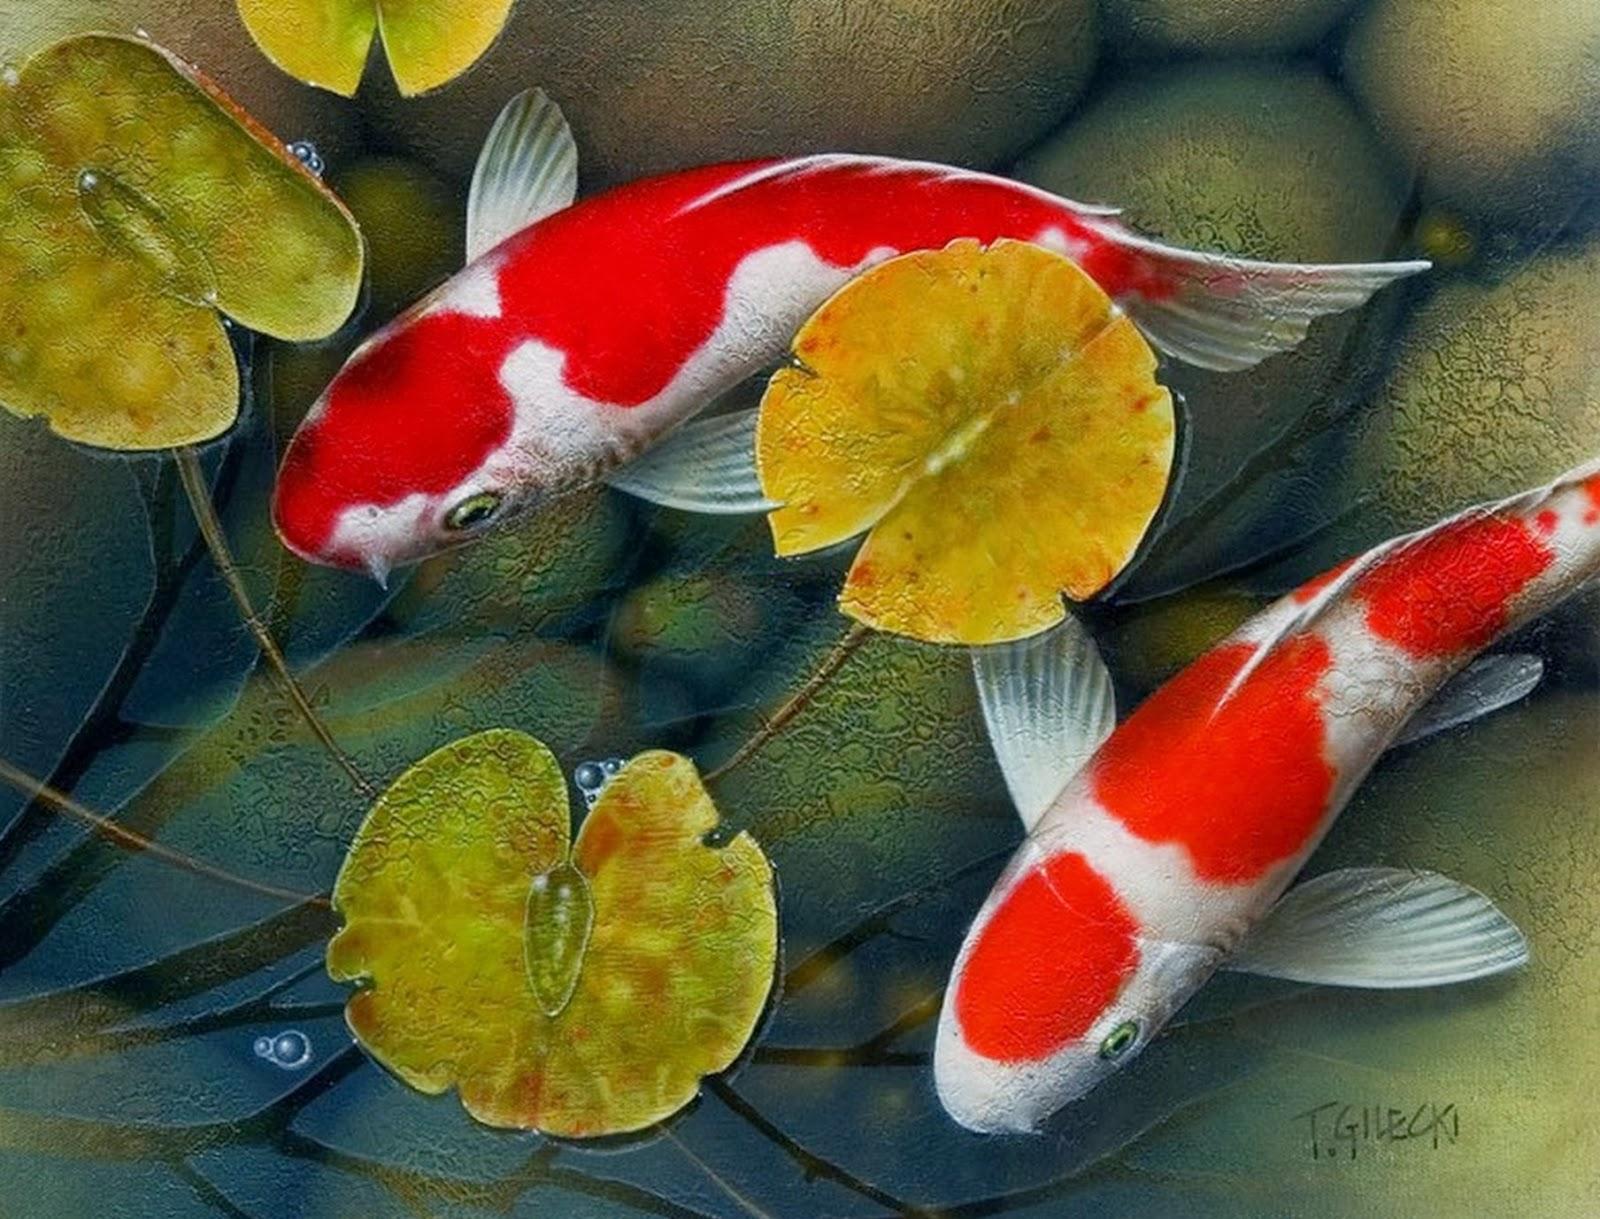 Pintura moderna y fotograf a art stica cuadros de peces for Imagenes de peces chinos